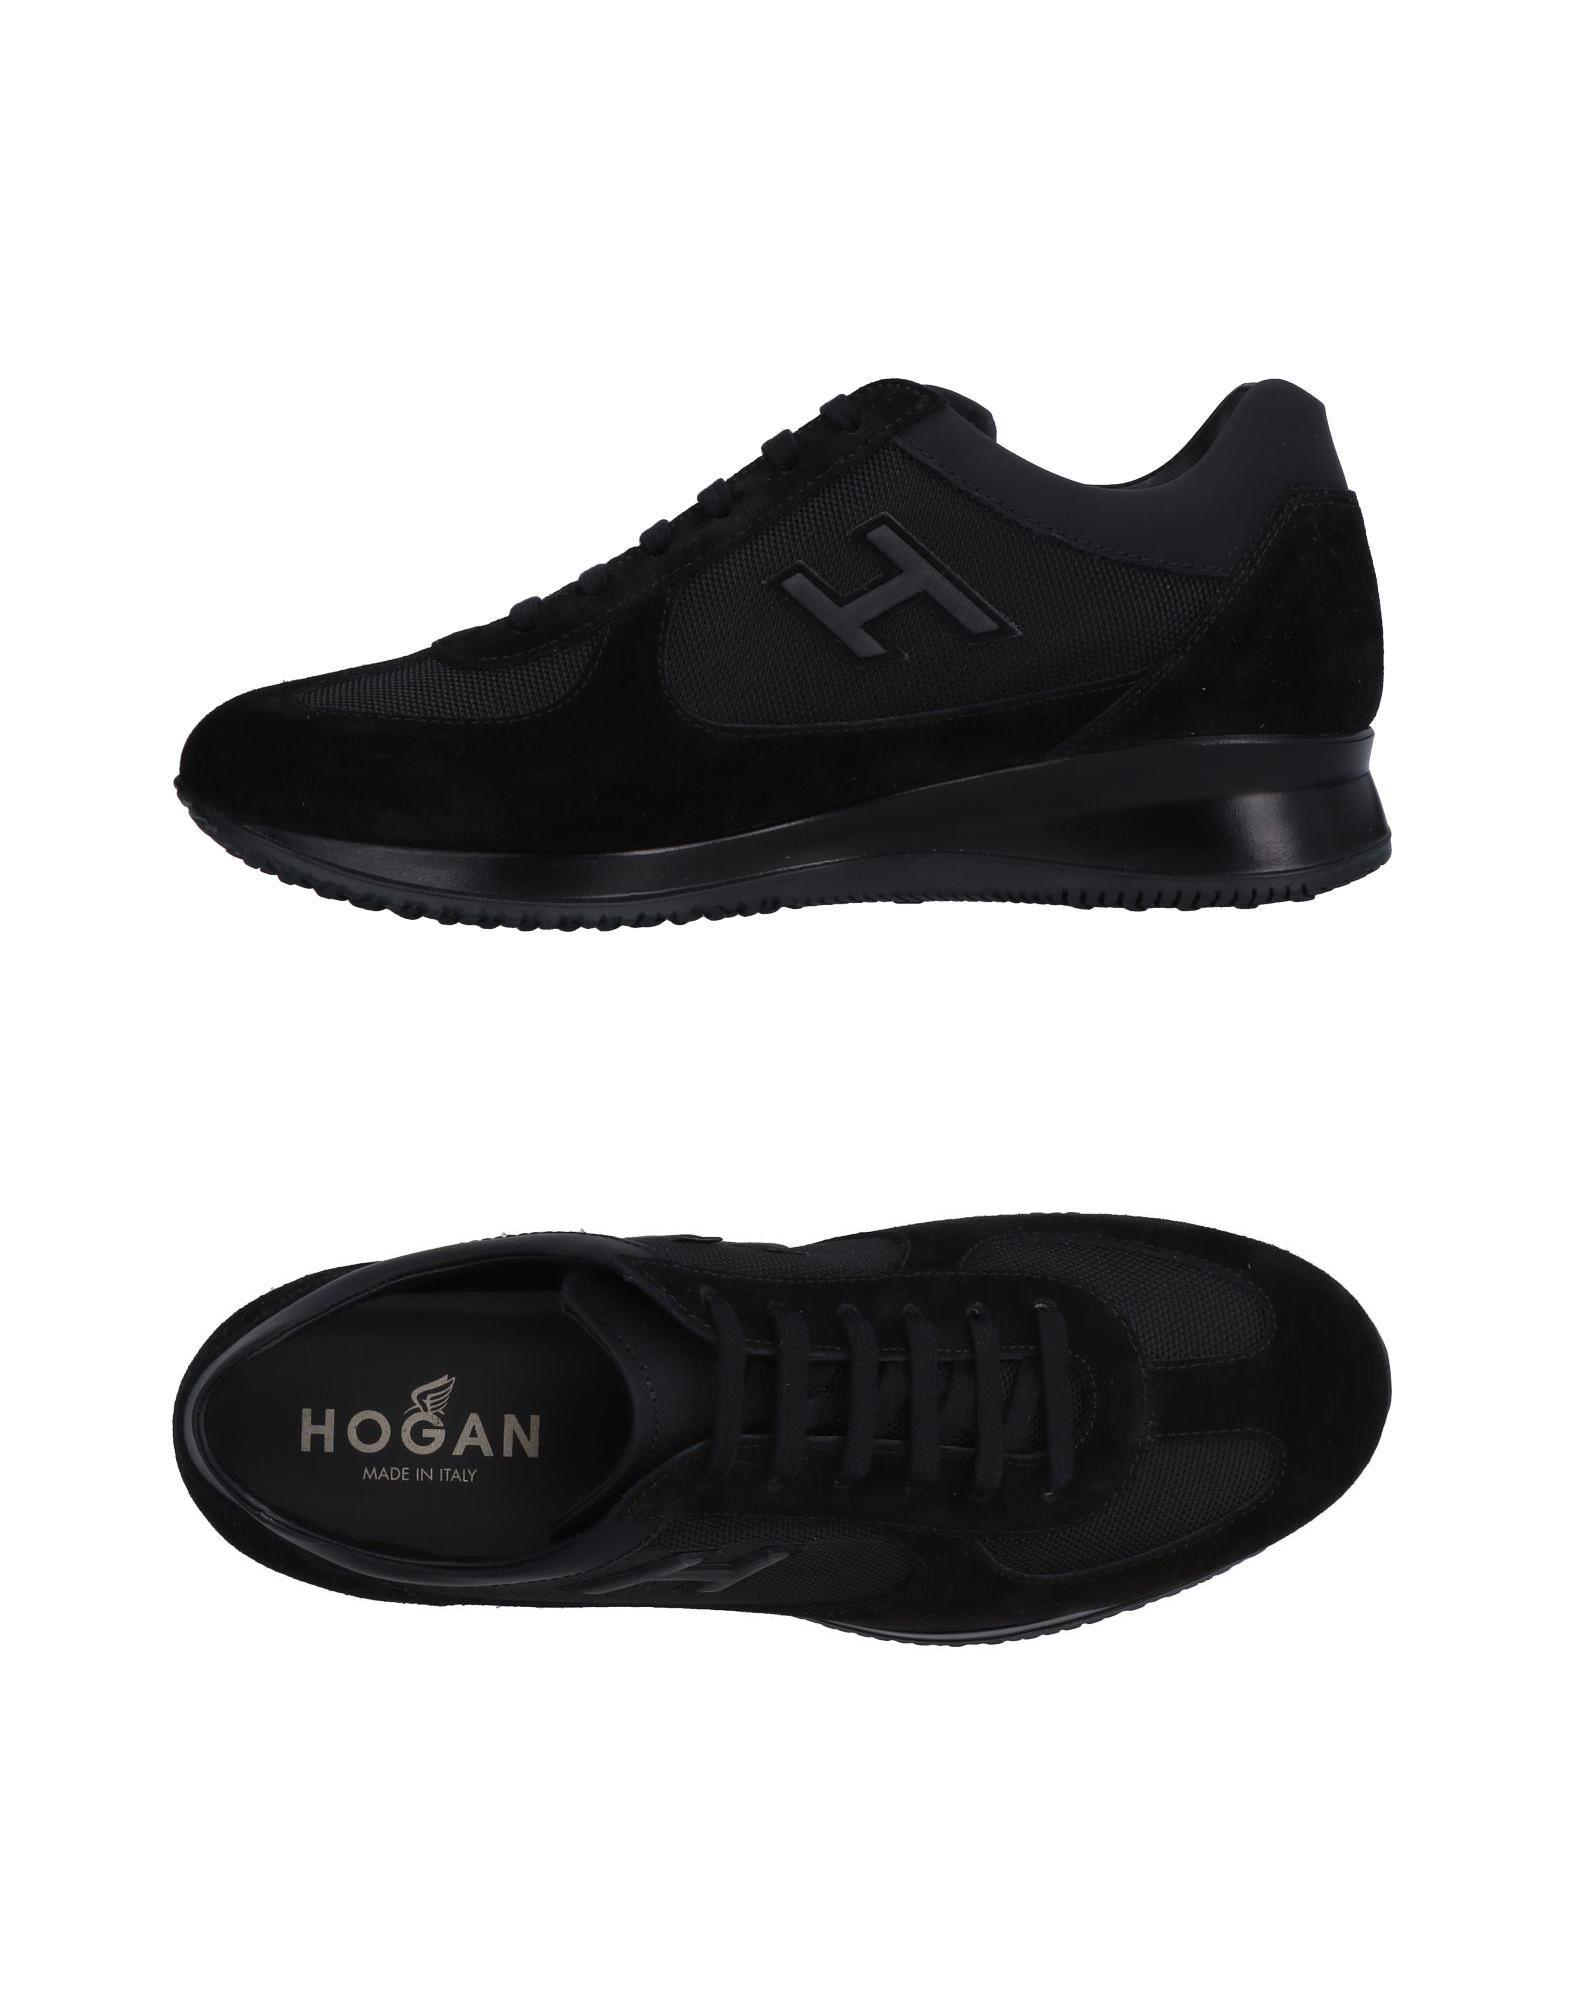 Scarpe economiche e resistenti Sneakers Hogan Uomo - 11515247OL